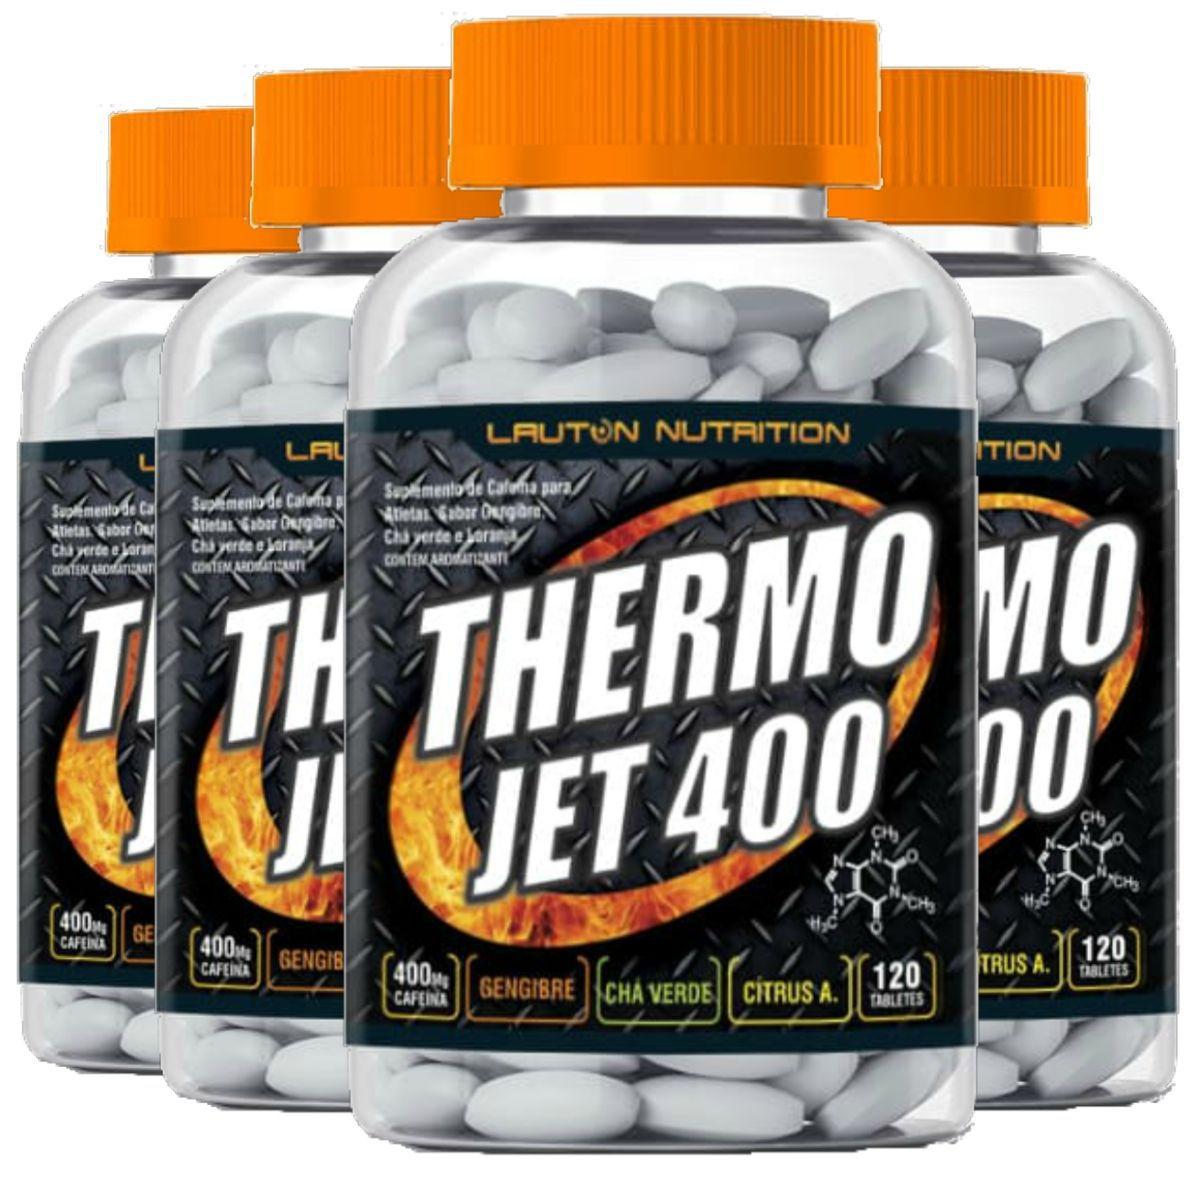 Kit 4 Thermo Jet 400 Termogênico Lauton Nutrition 120 Comp